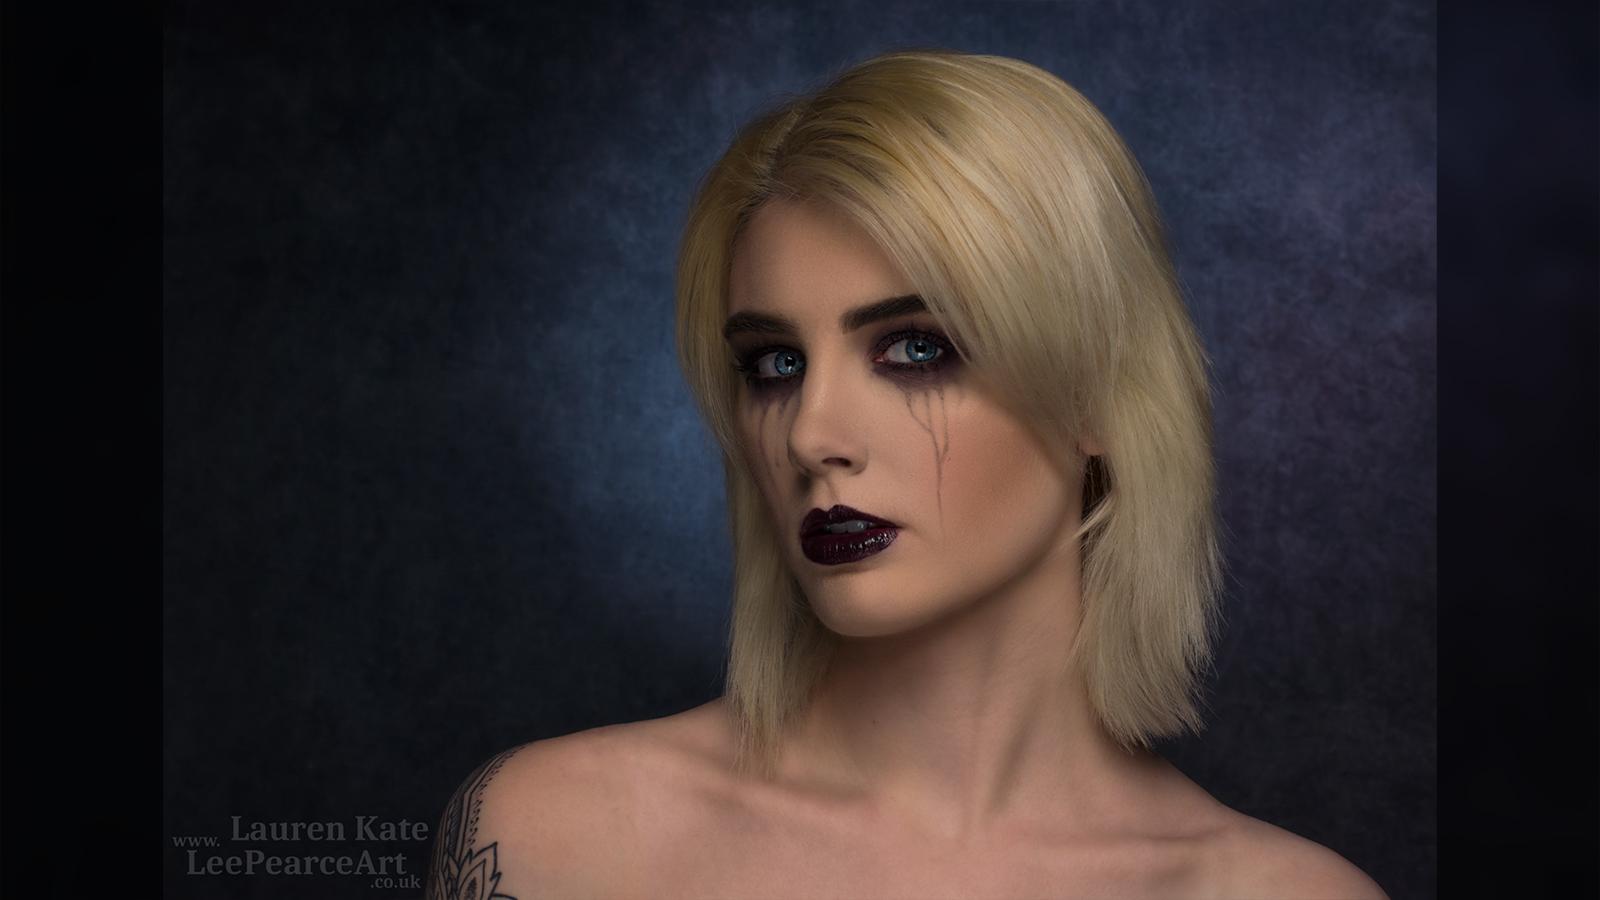 LaurenK5